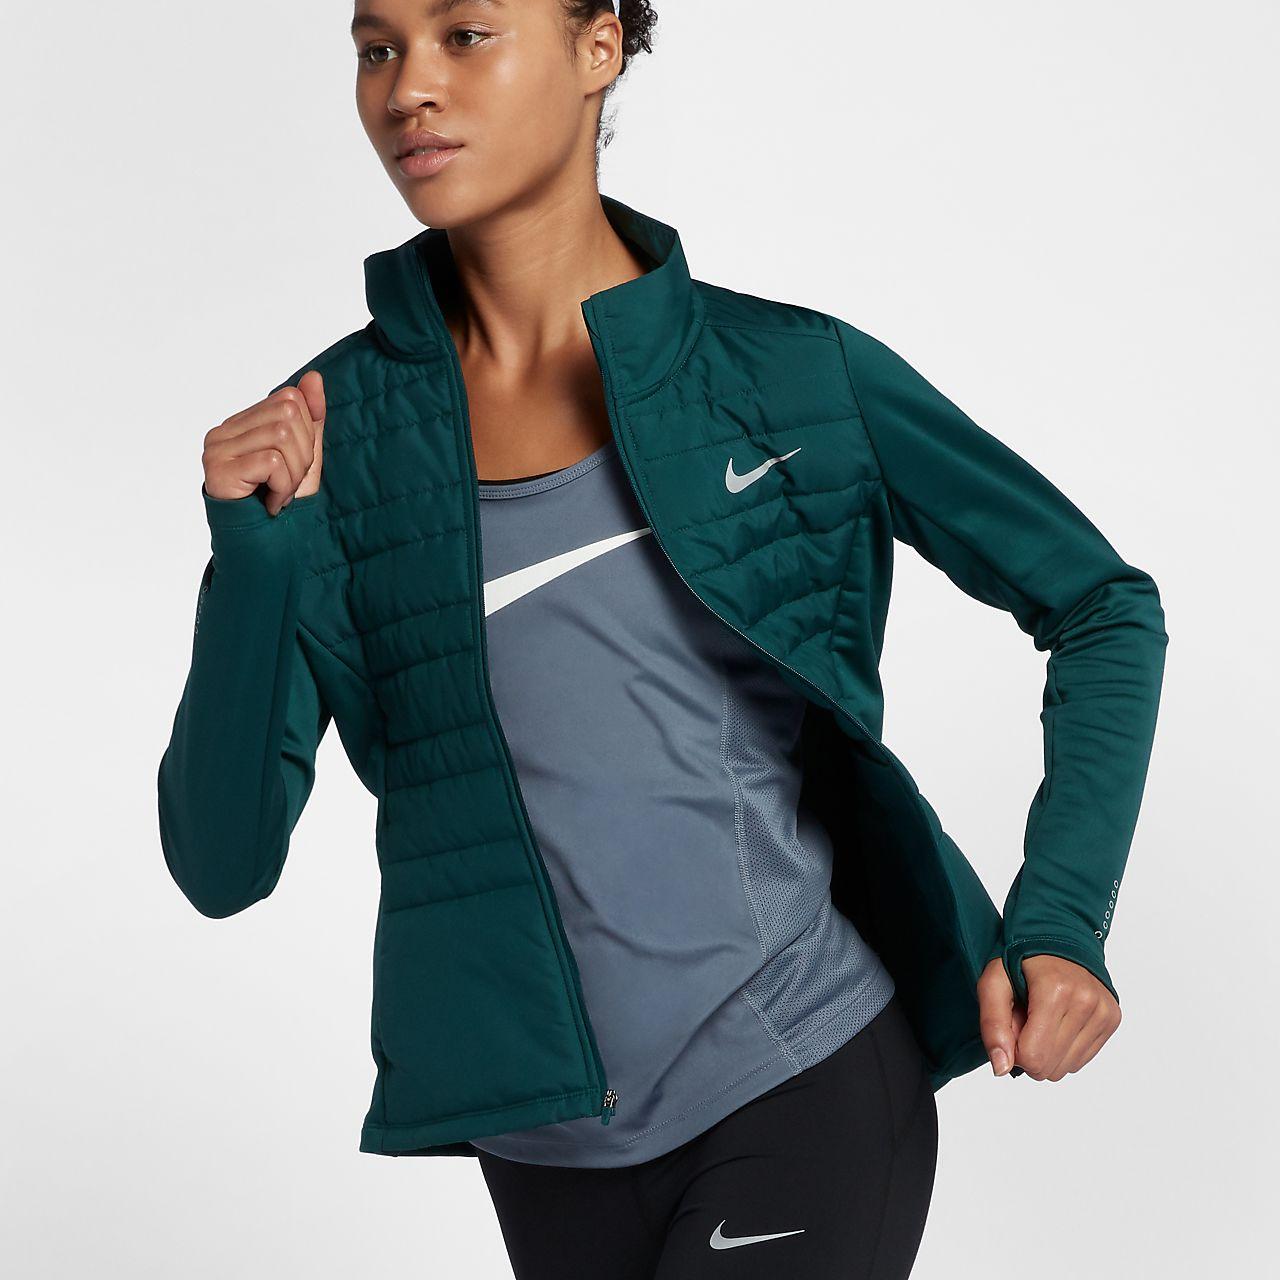 Veste de running femme nike